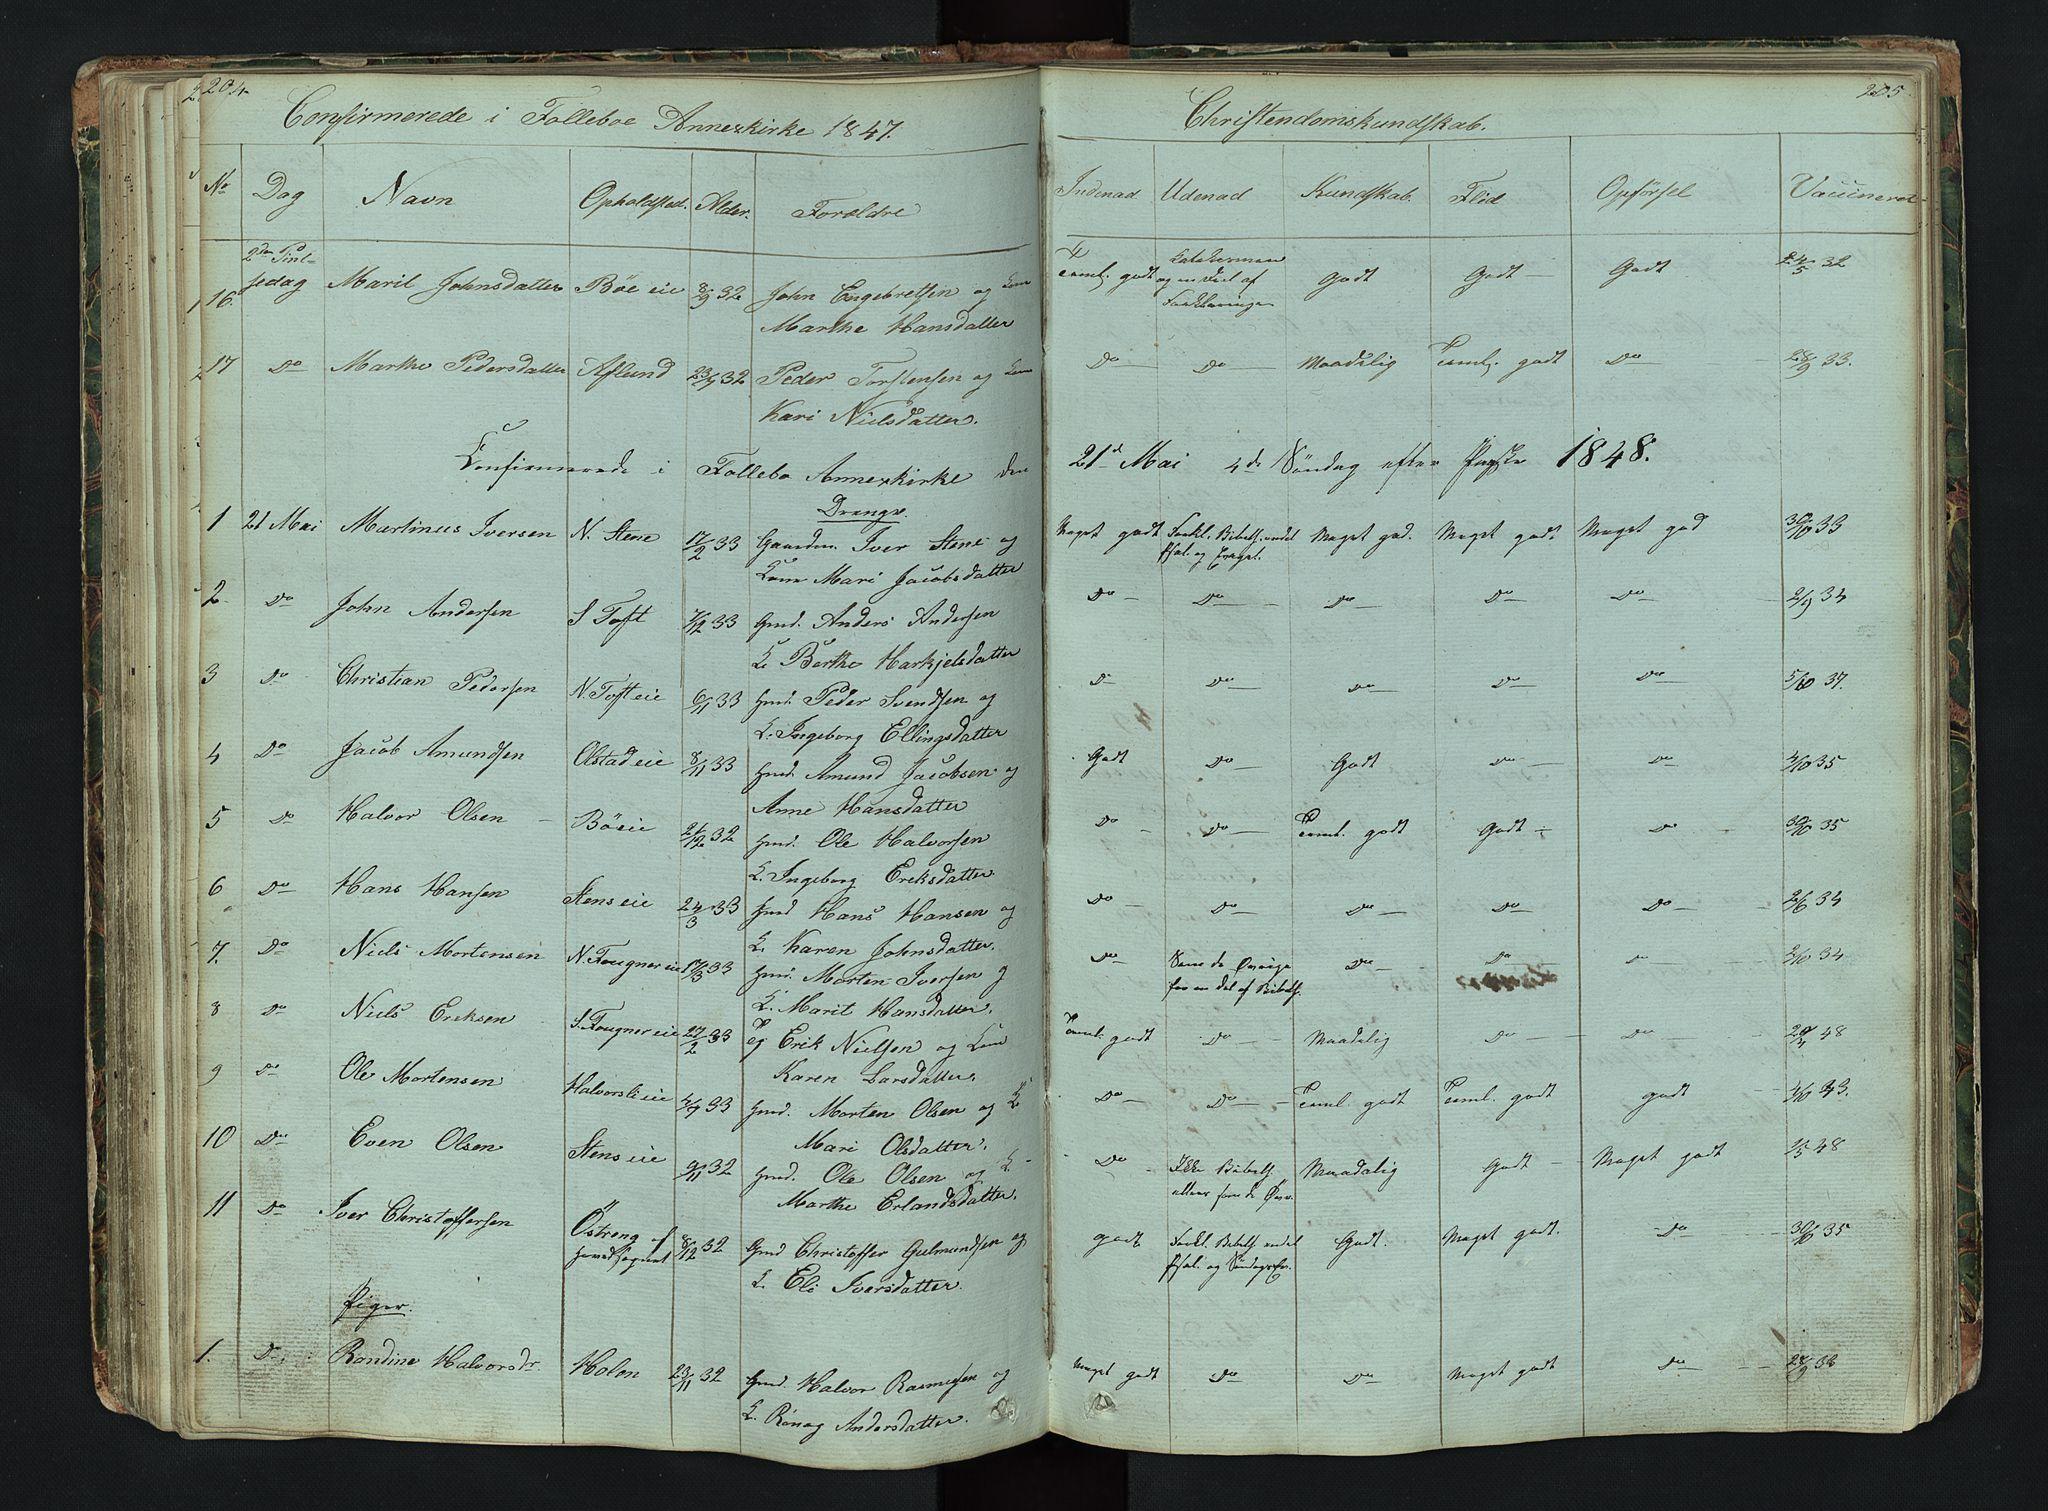 SAH, Gausdal prestekontor, Klokkerbok nr. 6, 1846-1893, s. 204-205